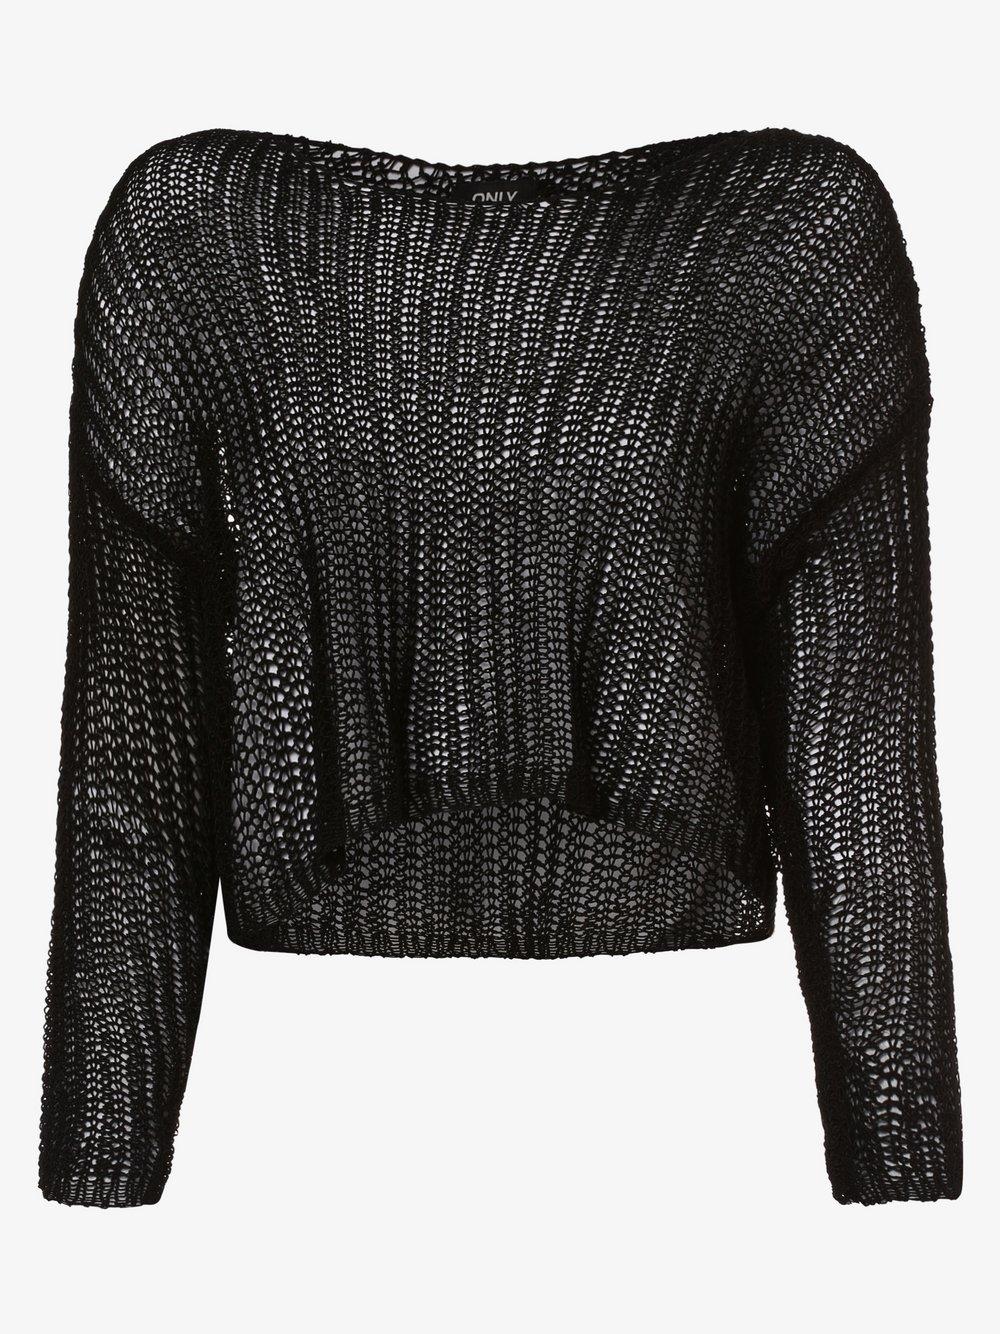 ONLY - Sweter damski – Onlfrancisca, czarny